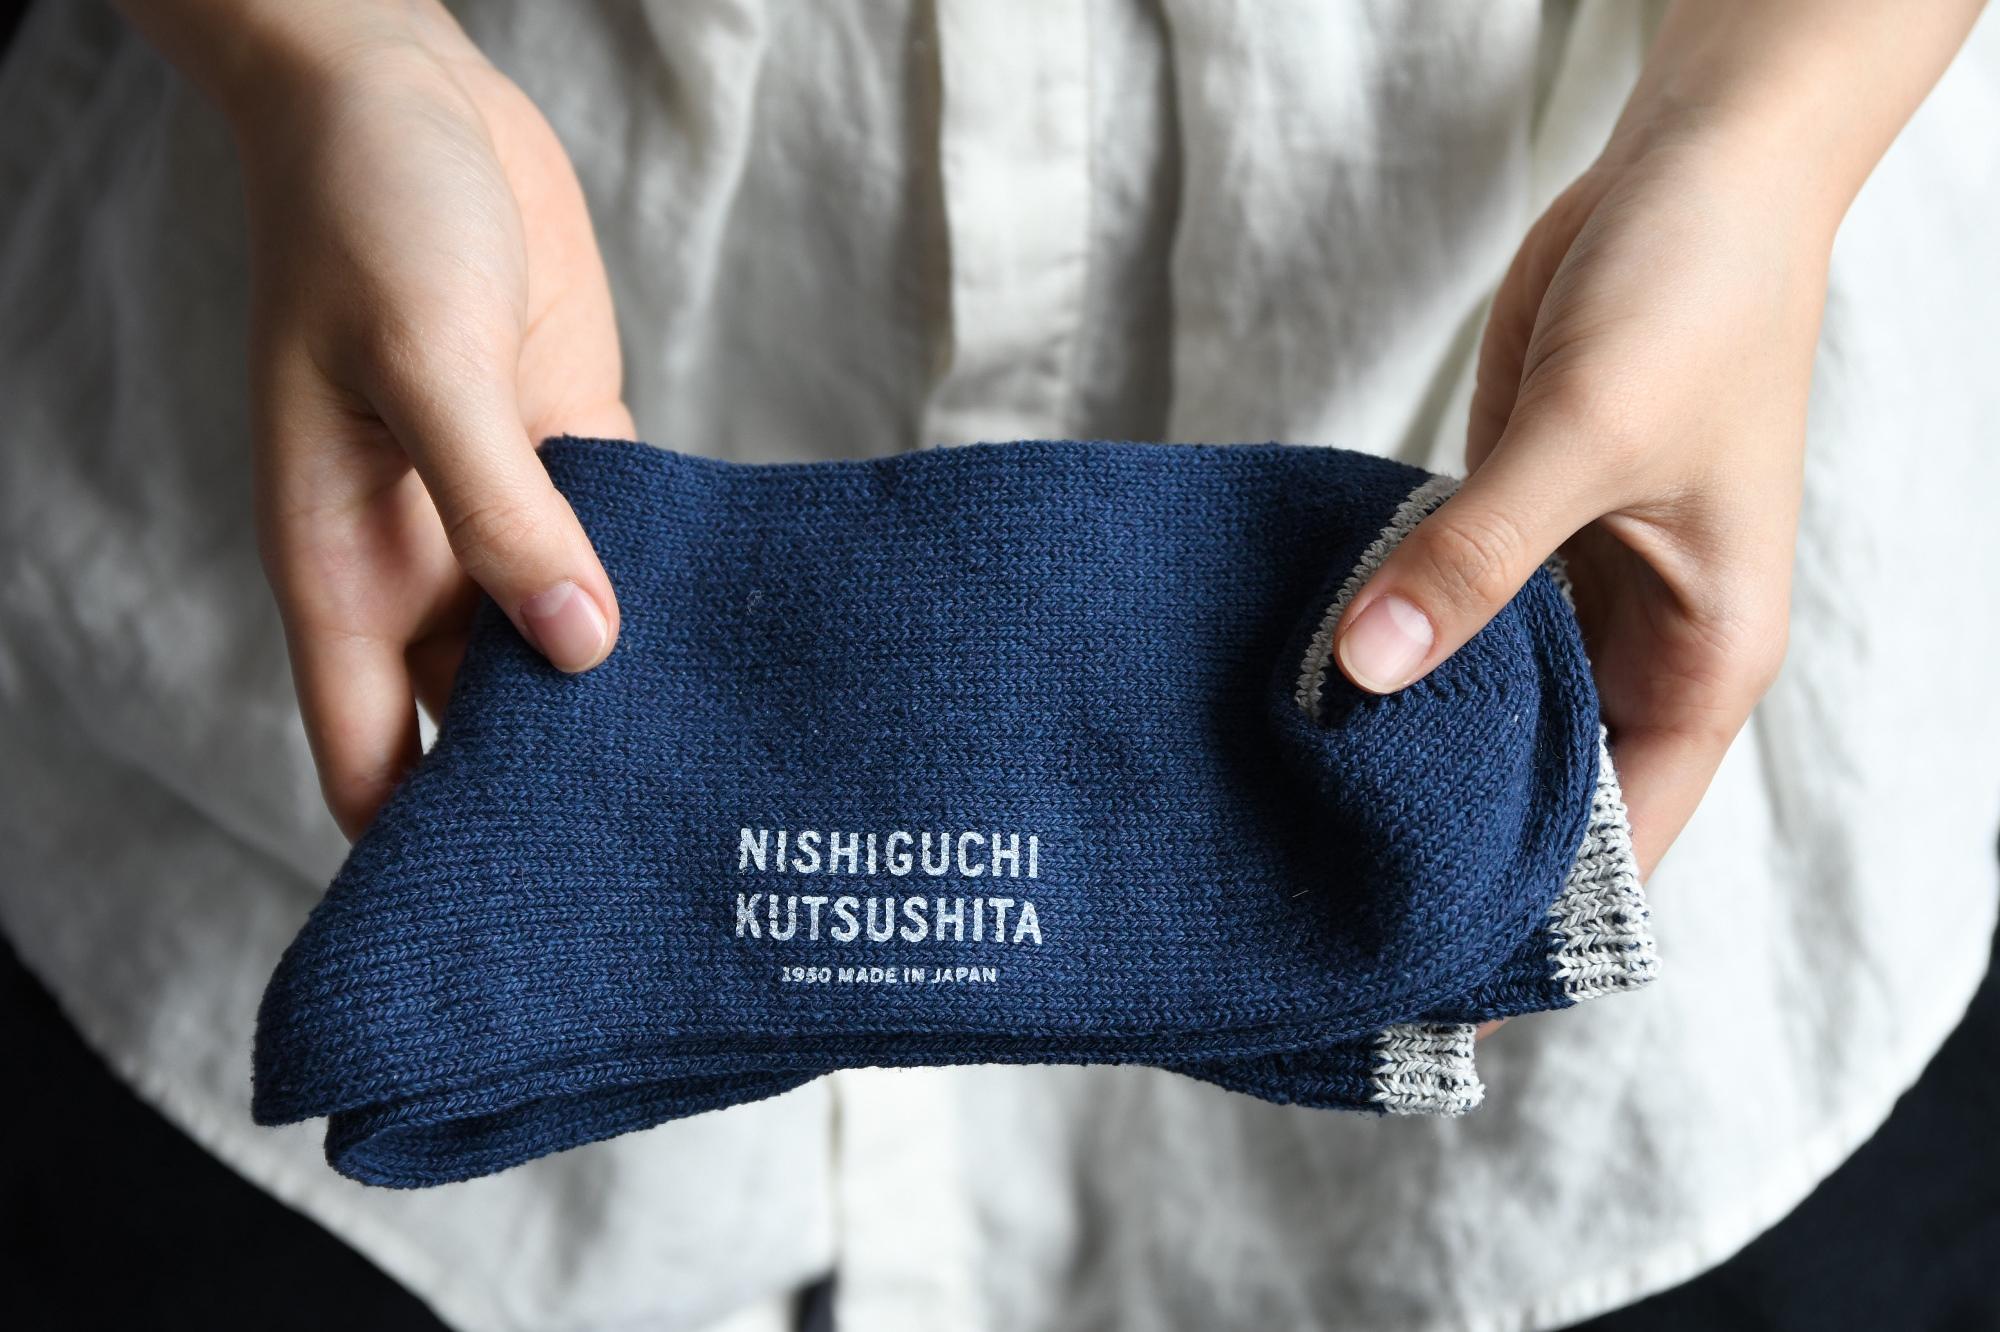 NISHIGUCHI KUTSUSHITA シルクコットン 天竺ソックス 【メンズ】